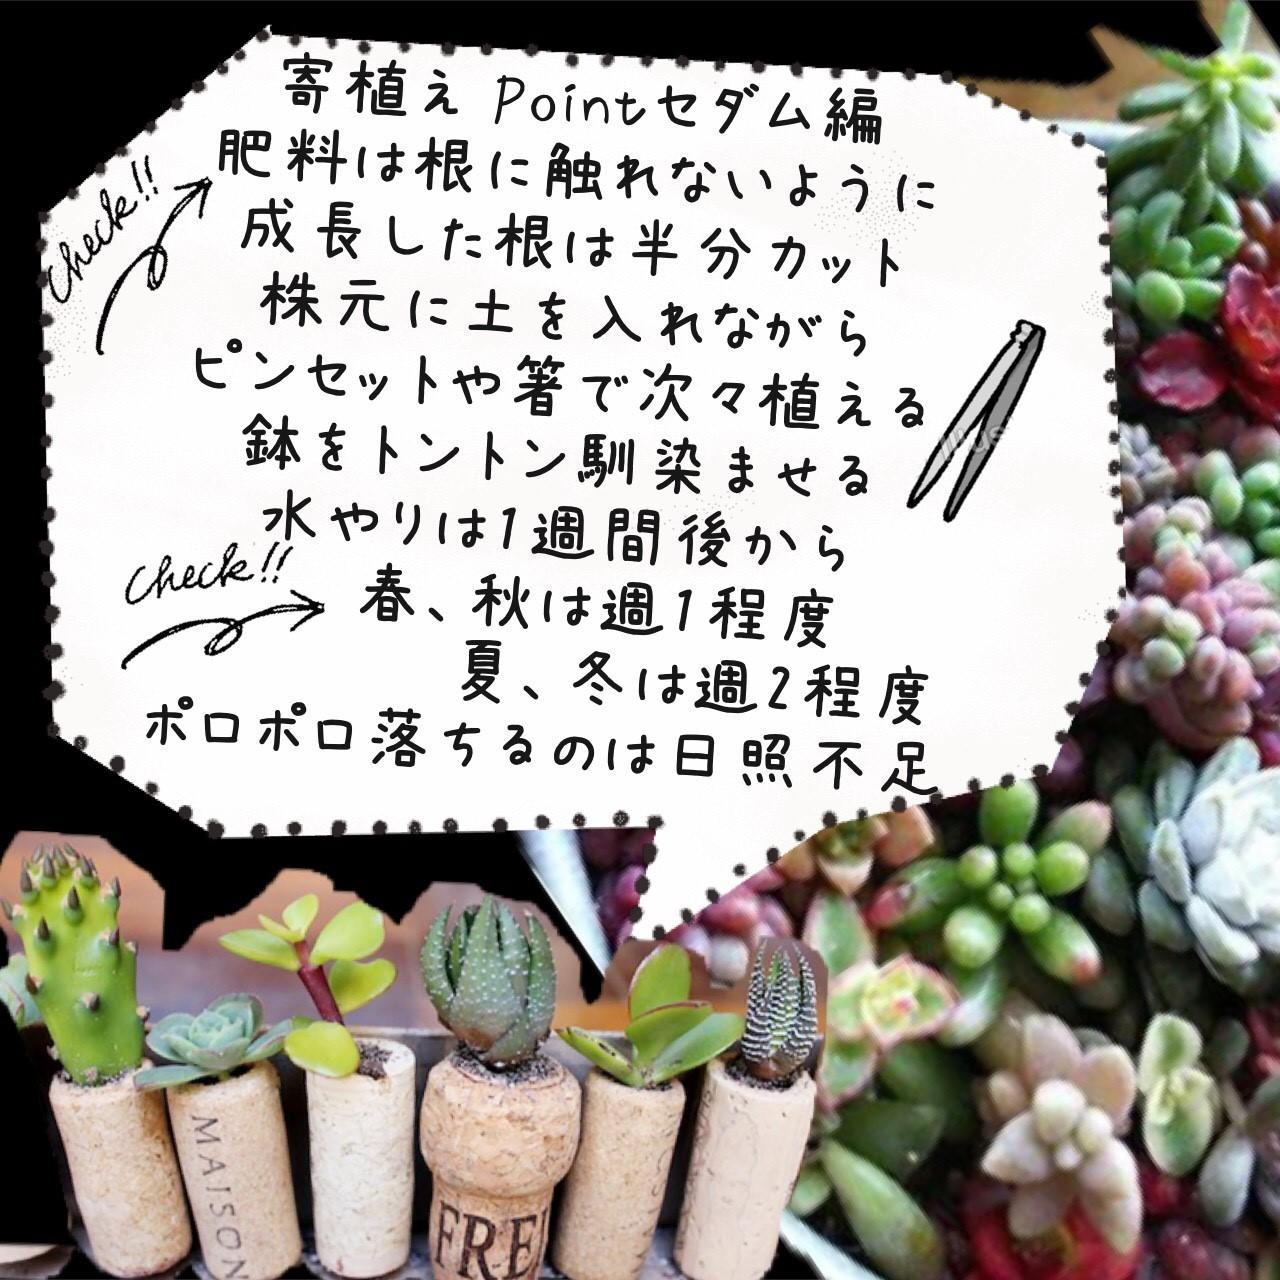 プチコノカ塚口多肉植物_171027_0014